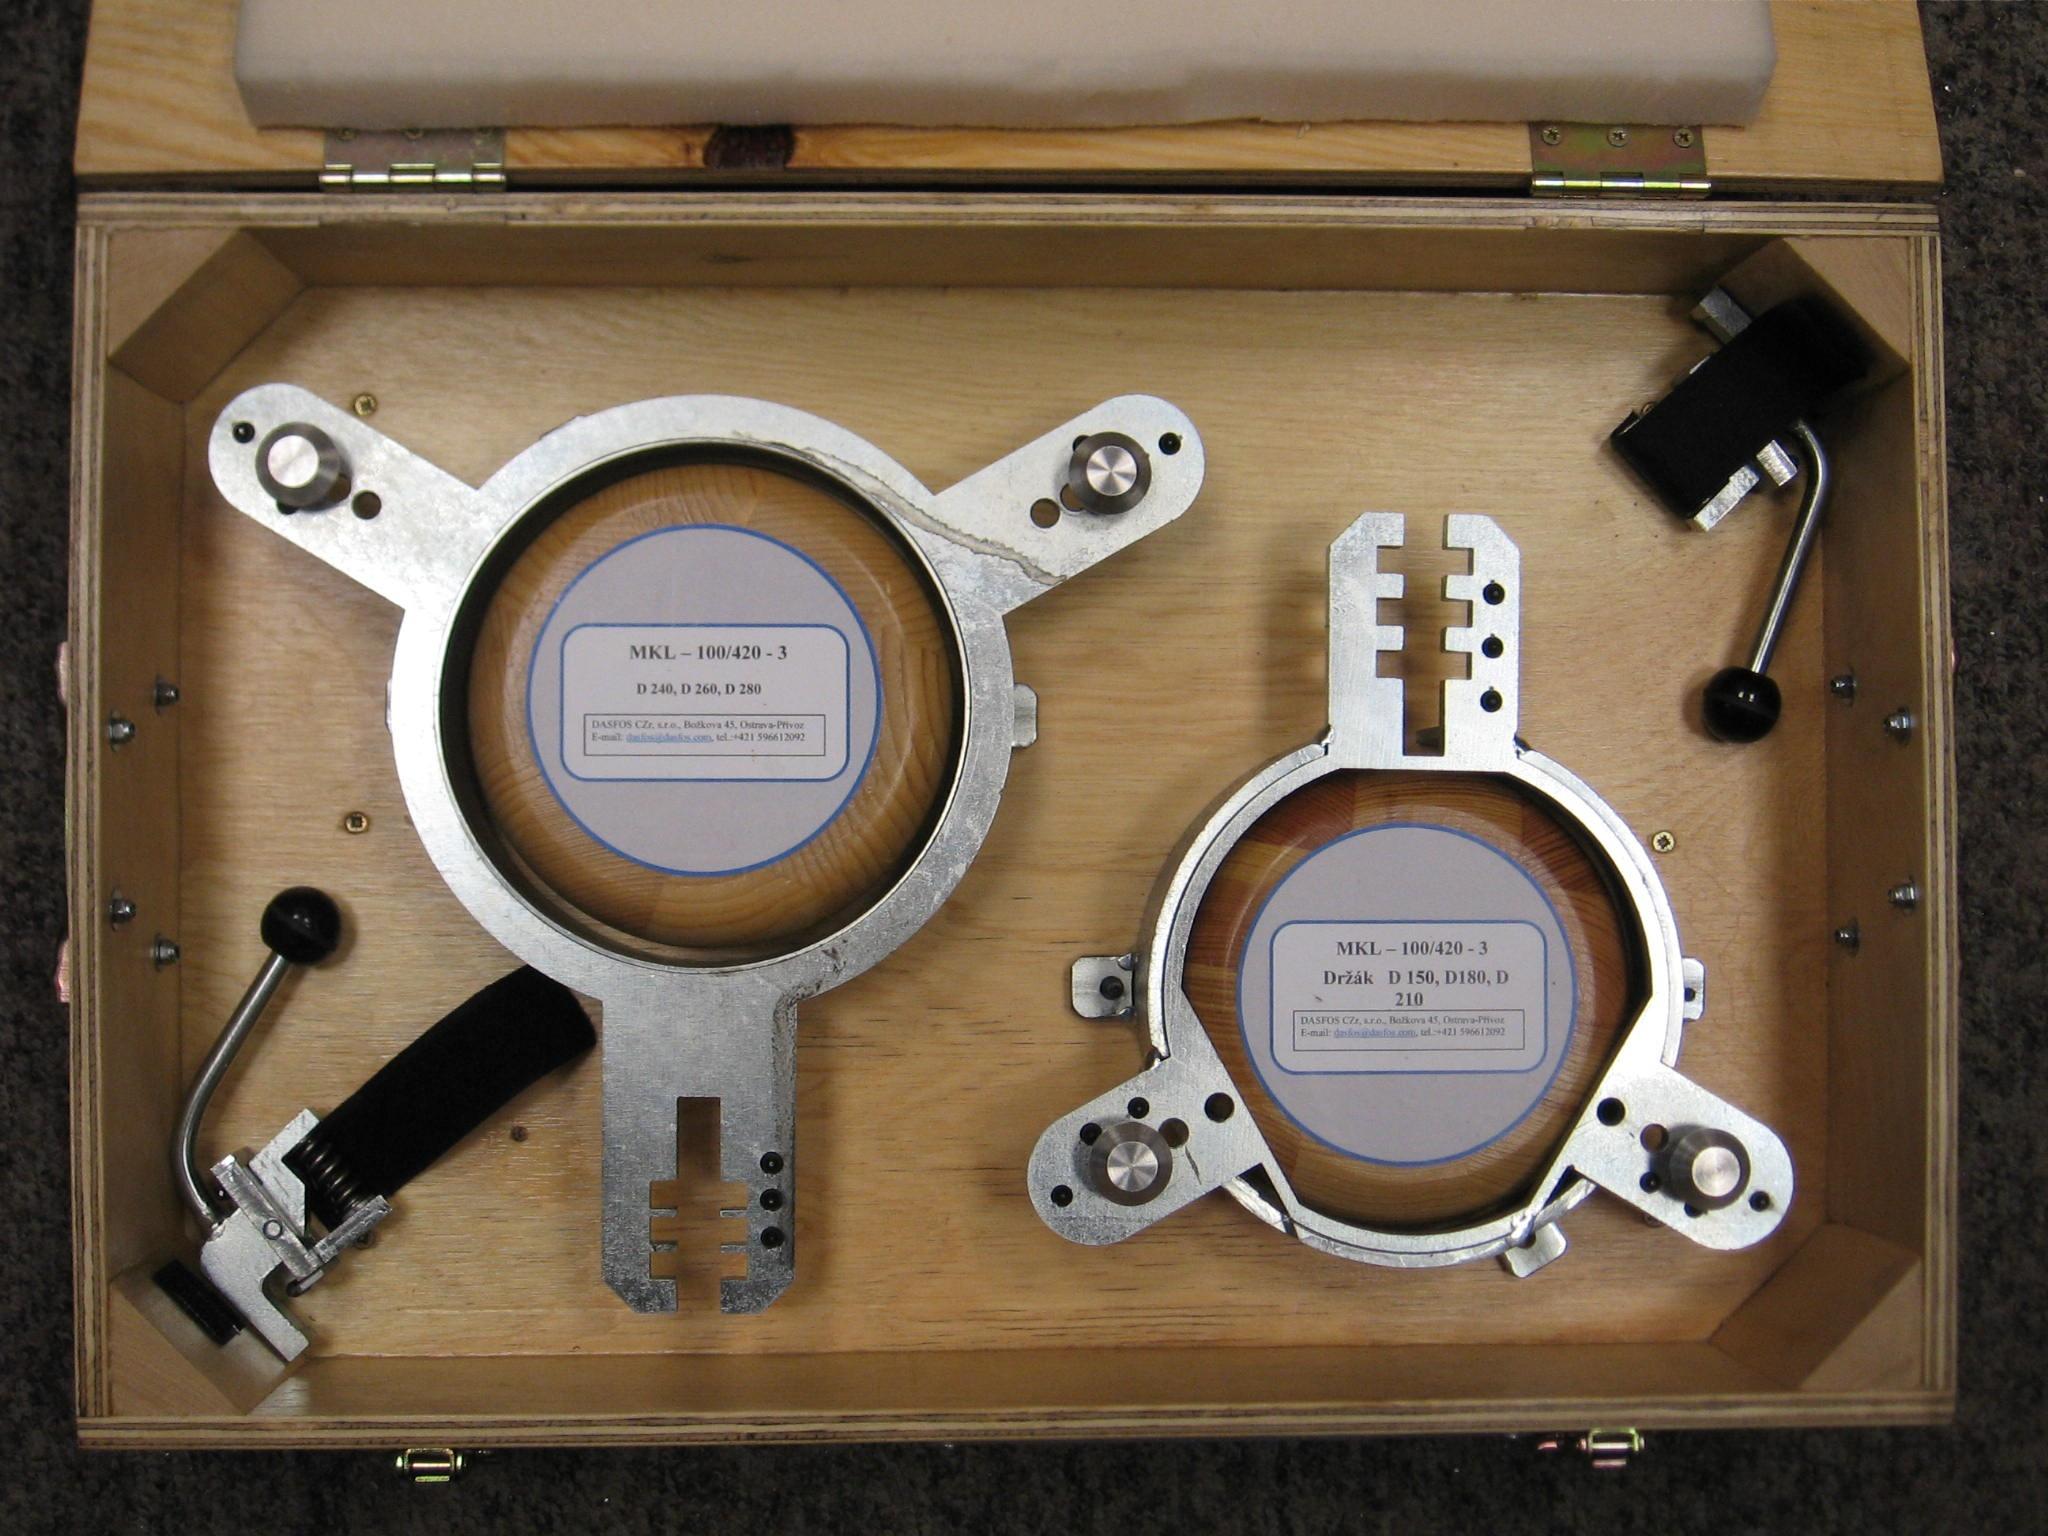 Upevňovací držáky pro kruhové formáty (v transportním obalu) - - - Fixing holders for round formats (in transport box)